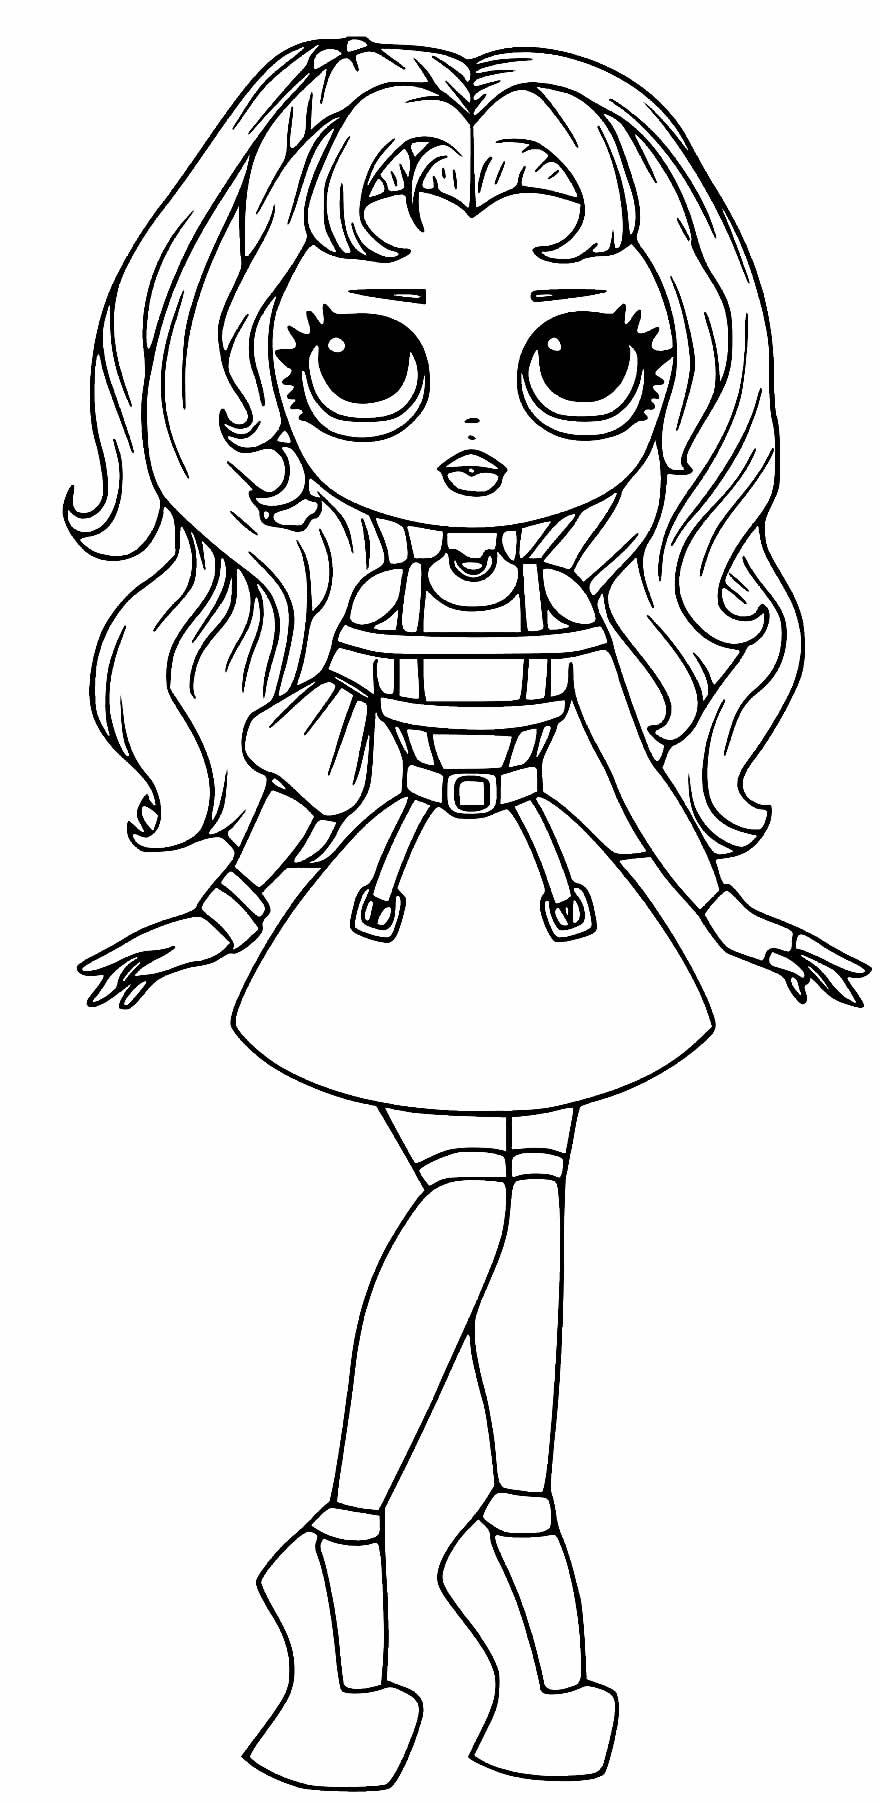 Desenho da Boneca LOL adolescente para colorir